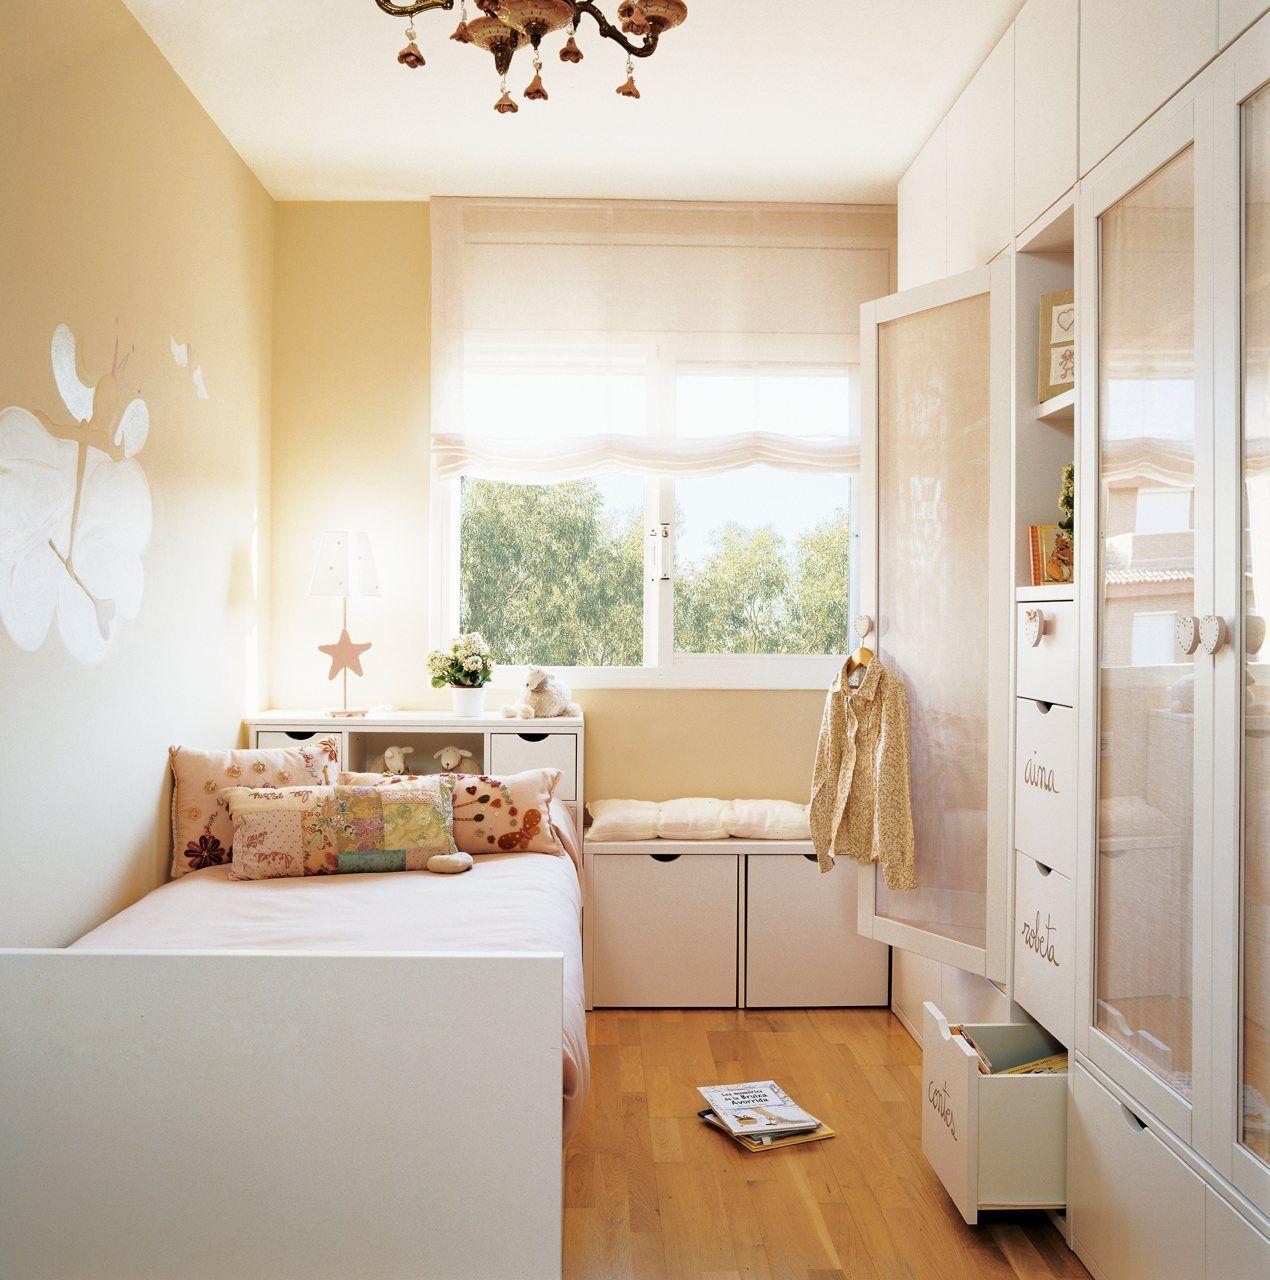 Dormitorios Infantiles Peque Os S Cales Partido Decoraci N  ~ Decoracion Habitacion Juvenil Pequeña